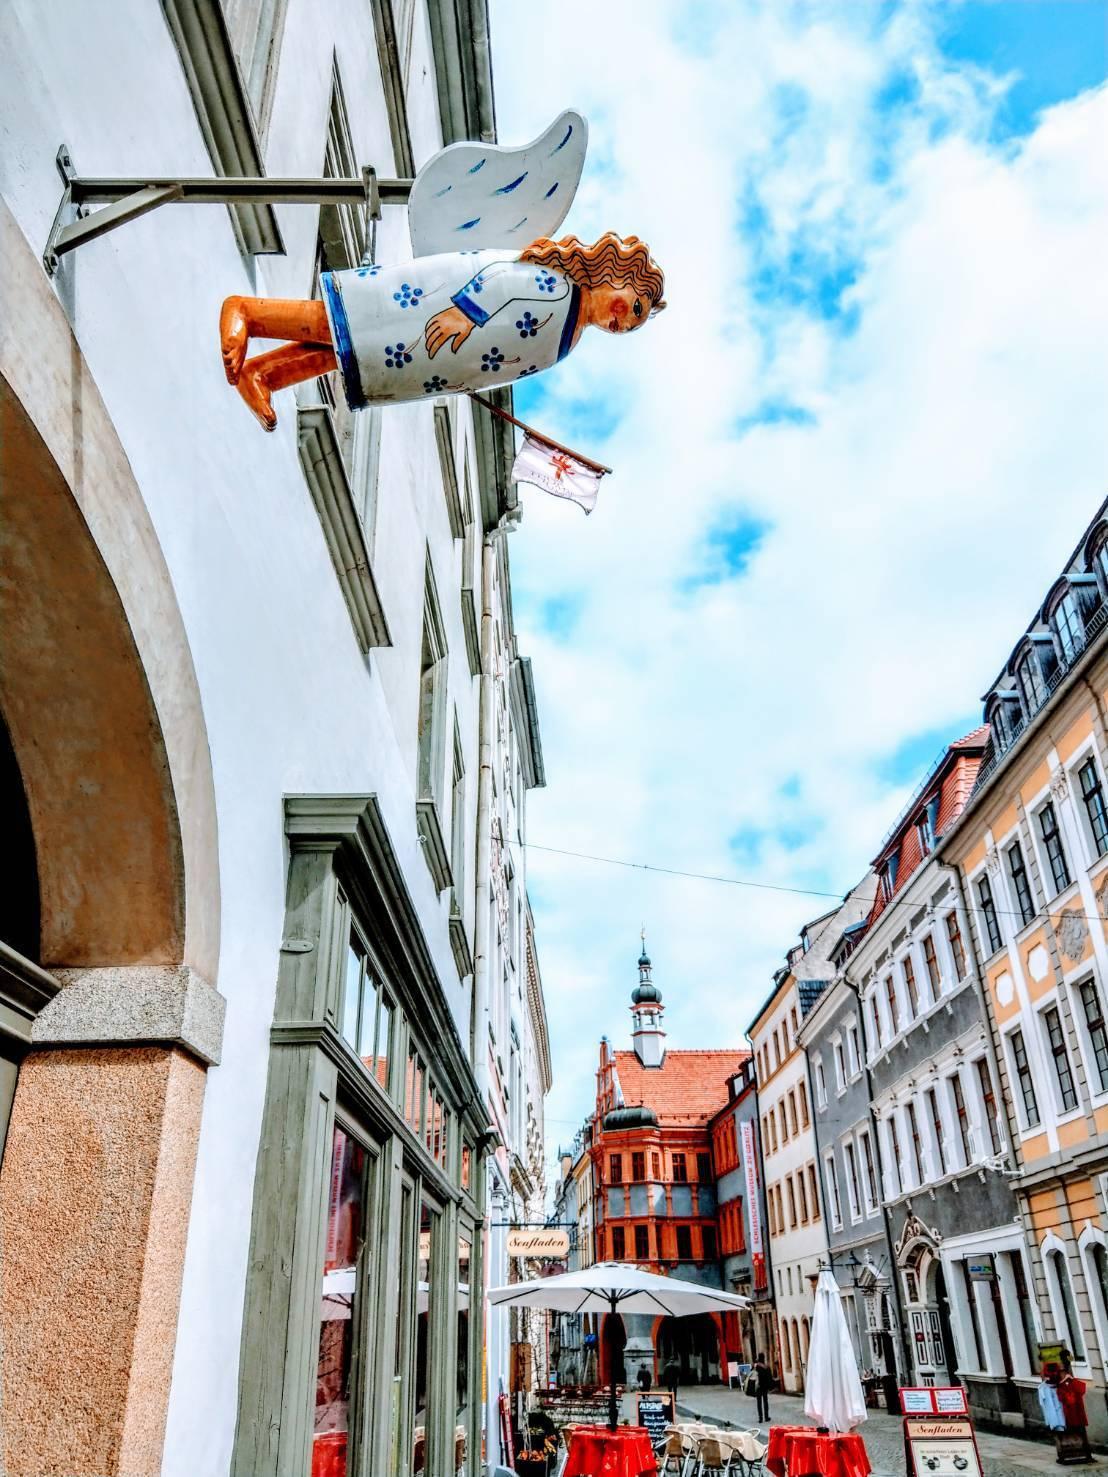 哥利茲城區的建築及店面都很有特色,例如門口騰空站著一個有翅膀的天使。記者張錦弘/...